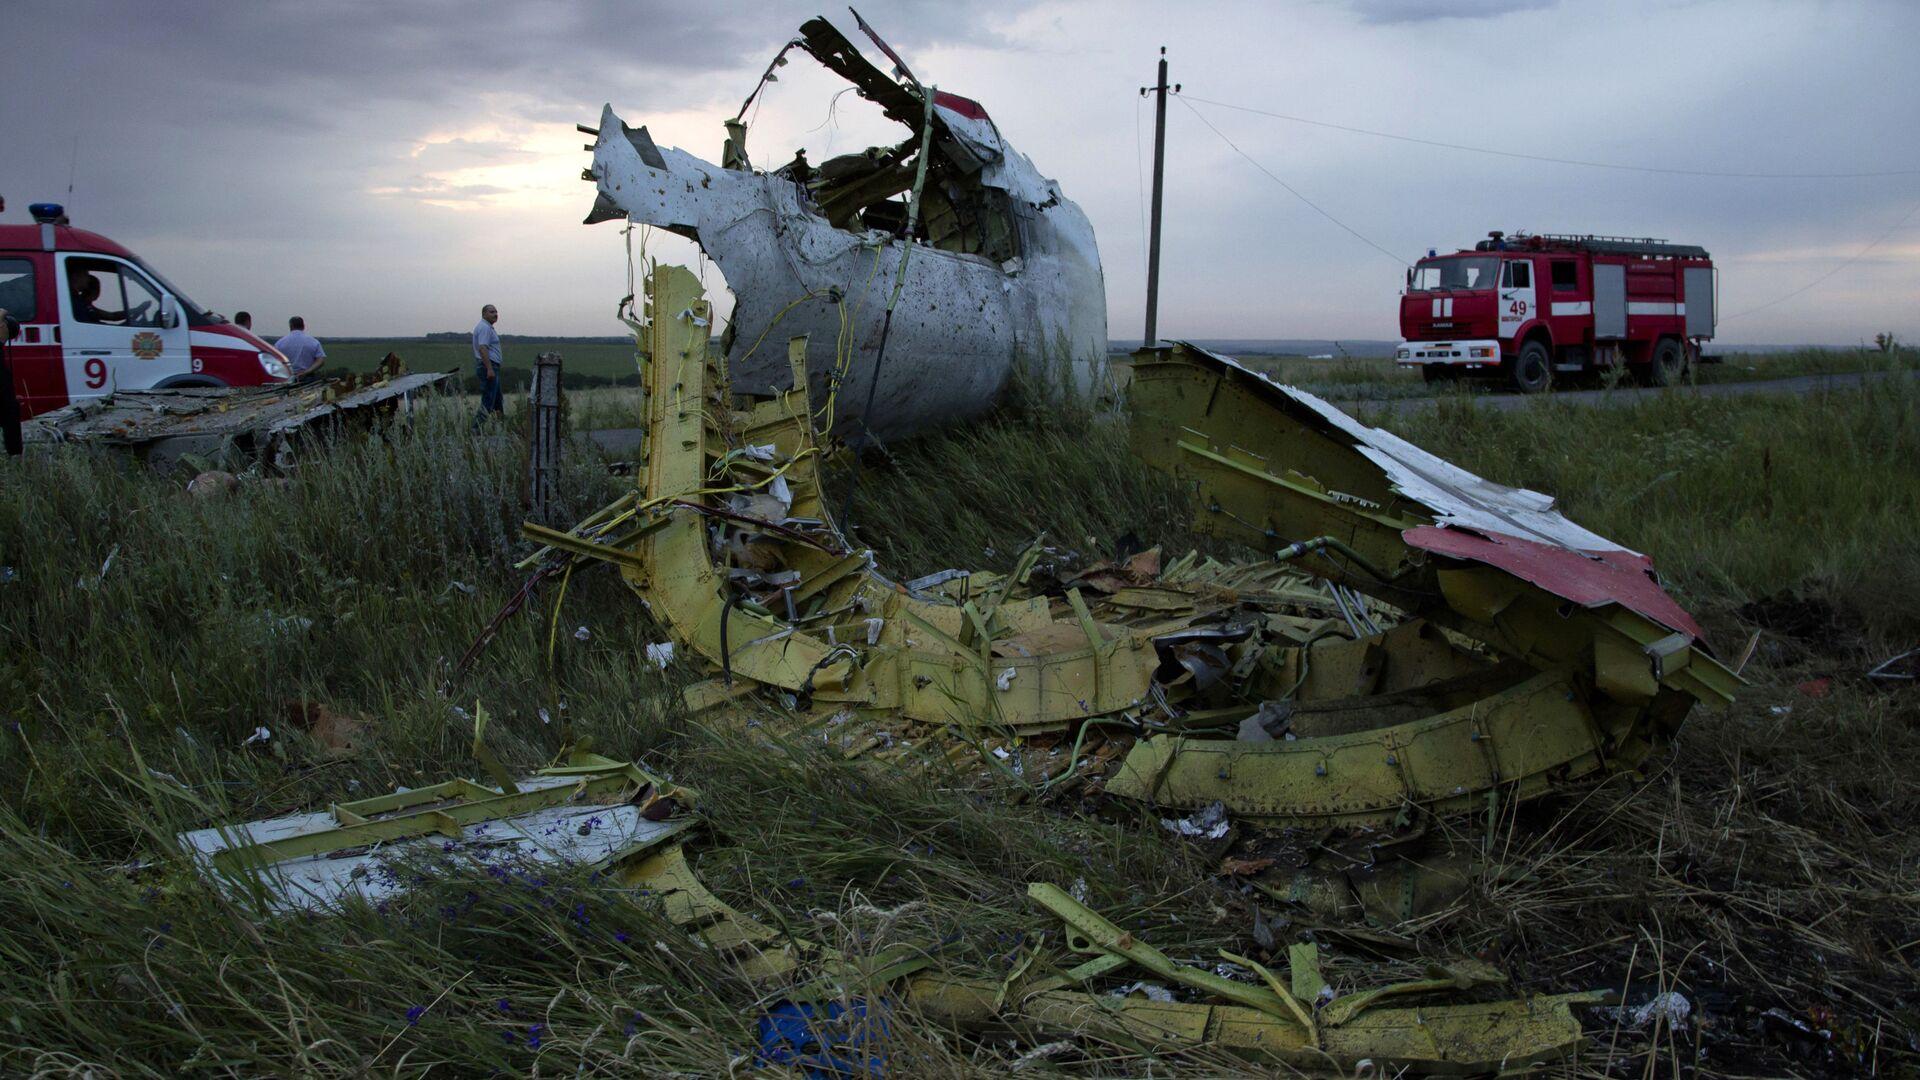 Il 17 luglio del 2014 il Boeing della Malaysian Airlines precipitò in Ucraina - Sputnik Italia, 1920, 06.09.2021